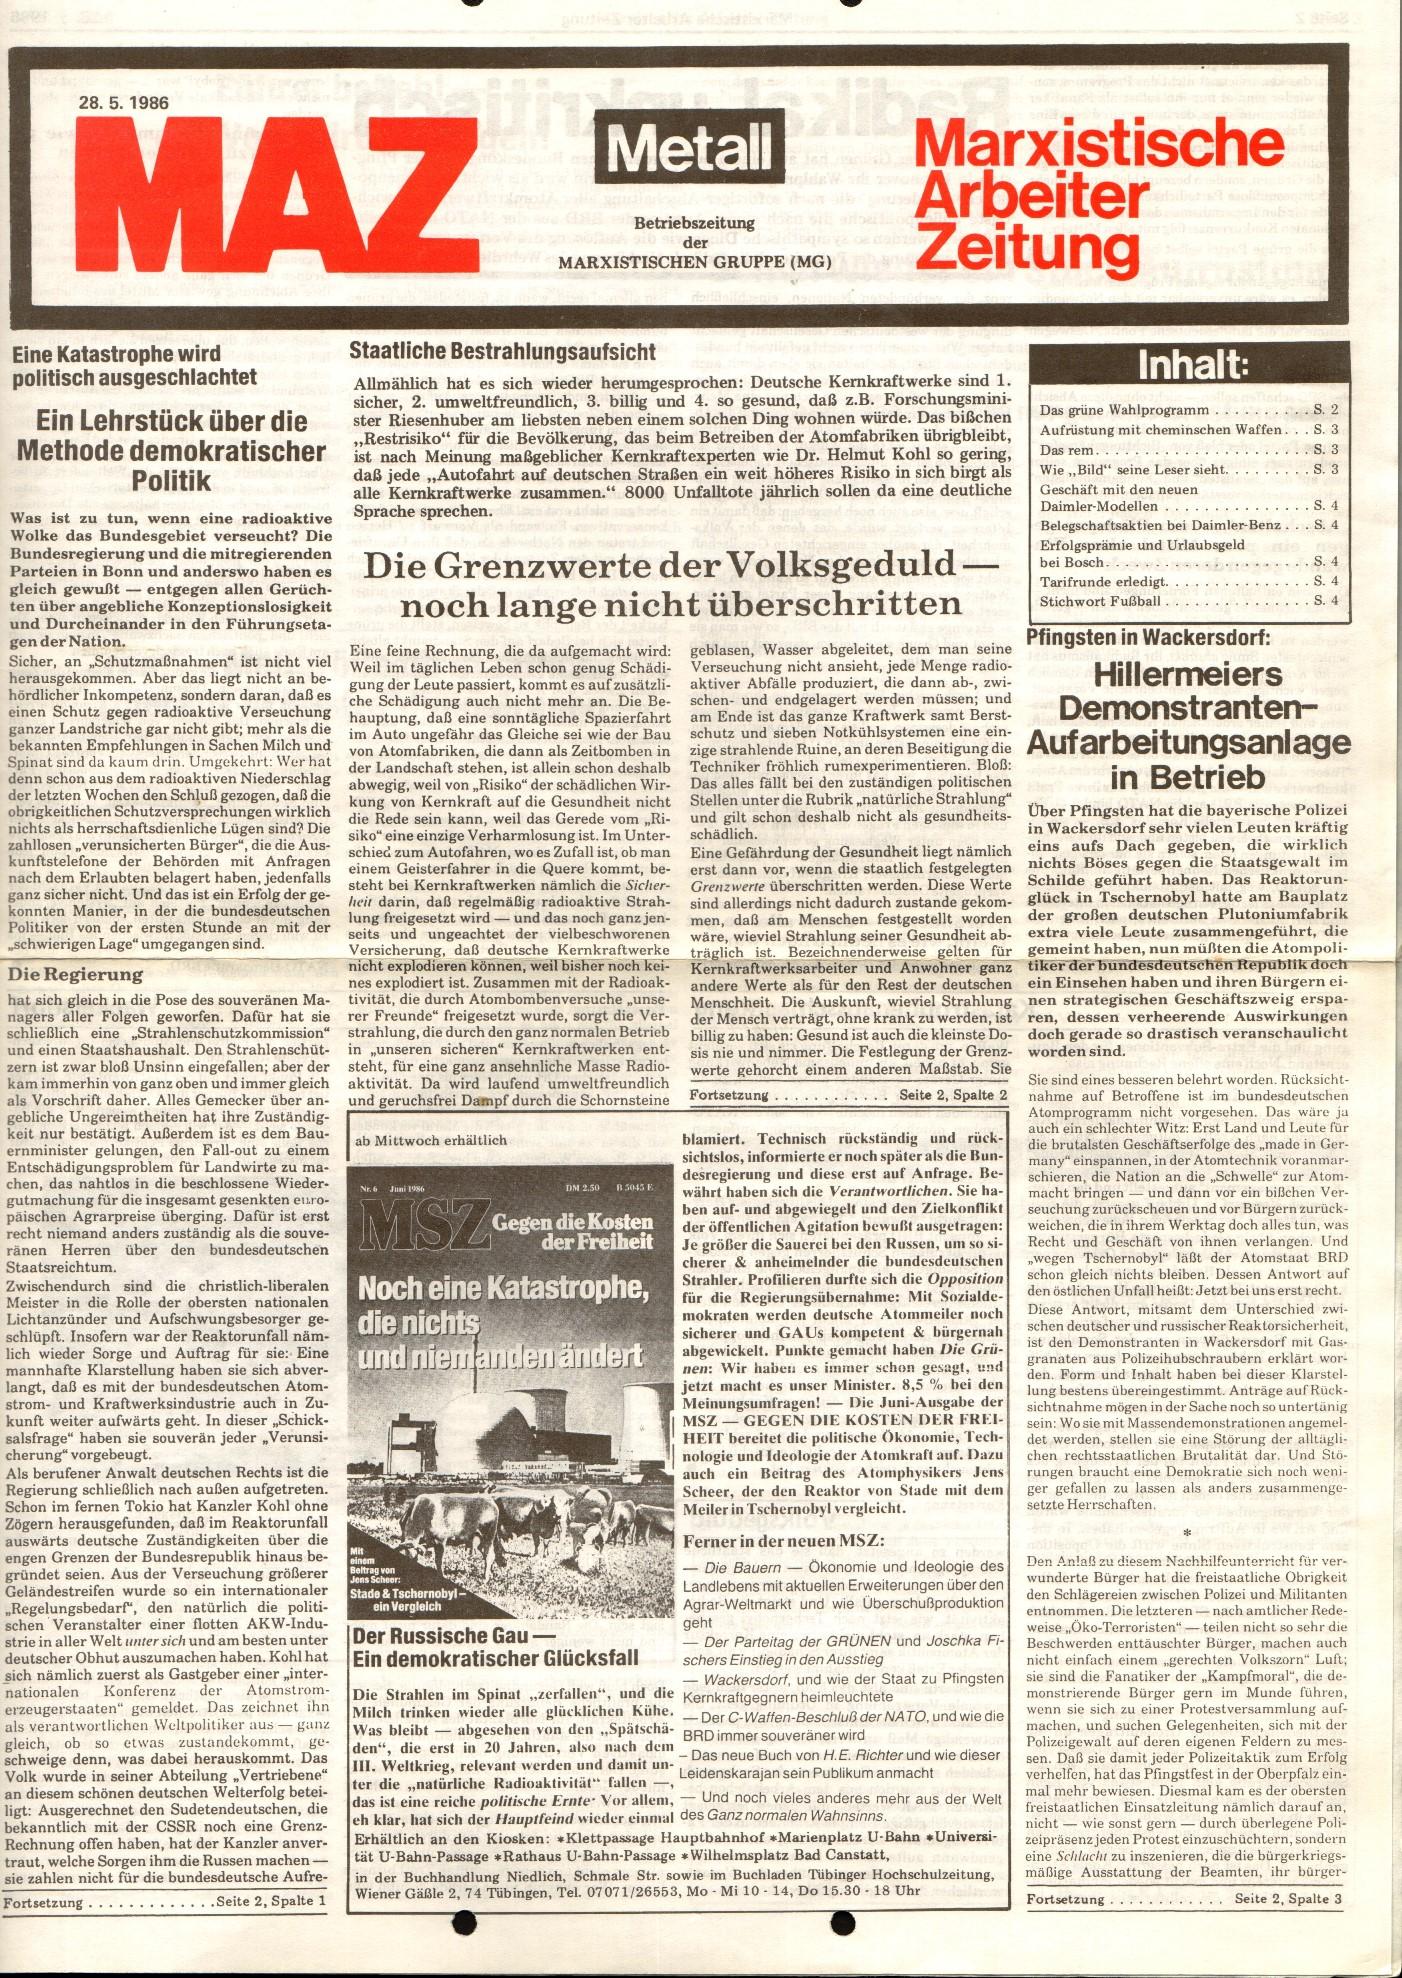 BW_MG_Marxistische_Arbeiterzeitung_19860528_01